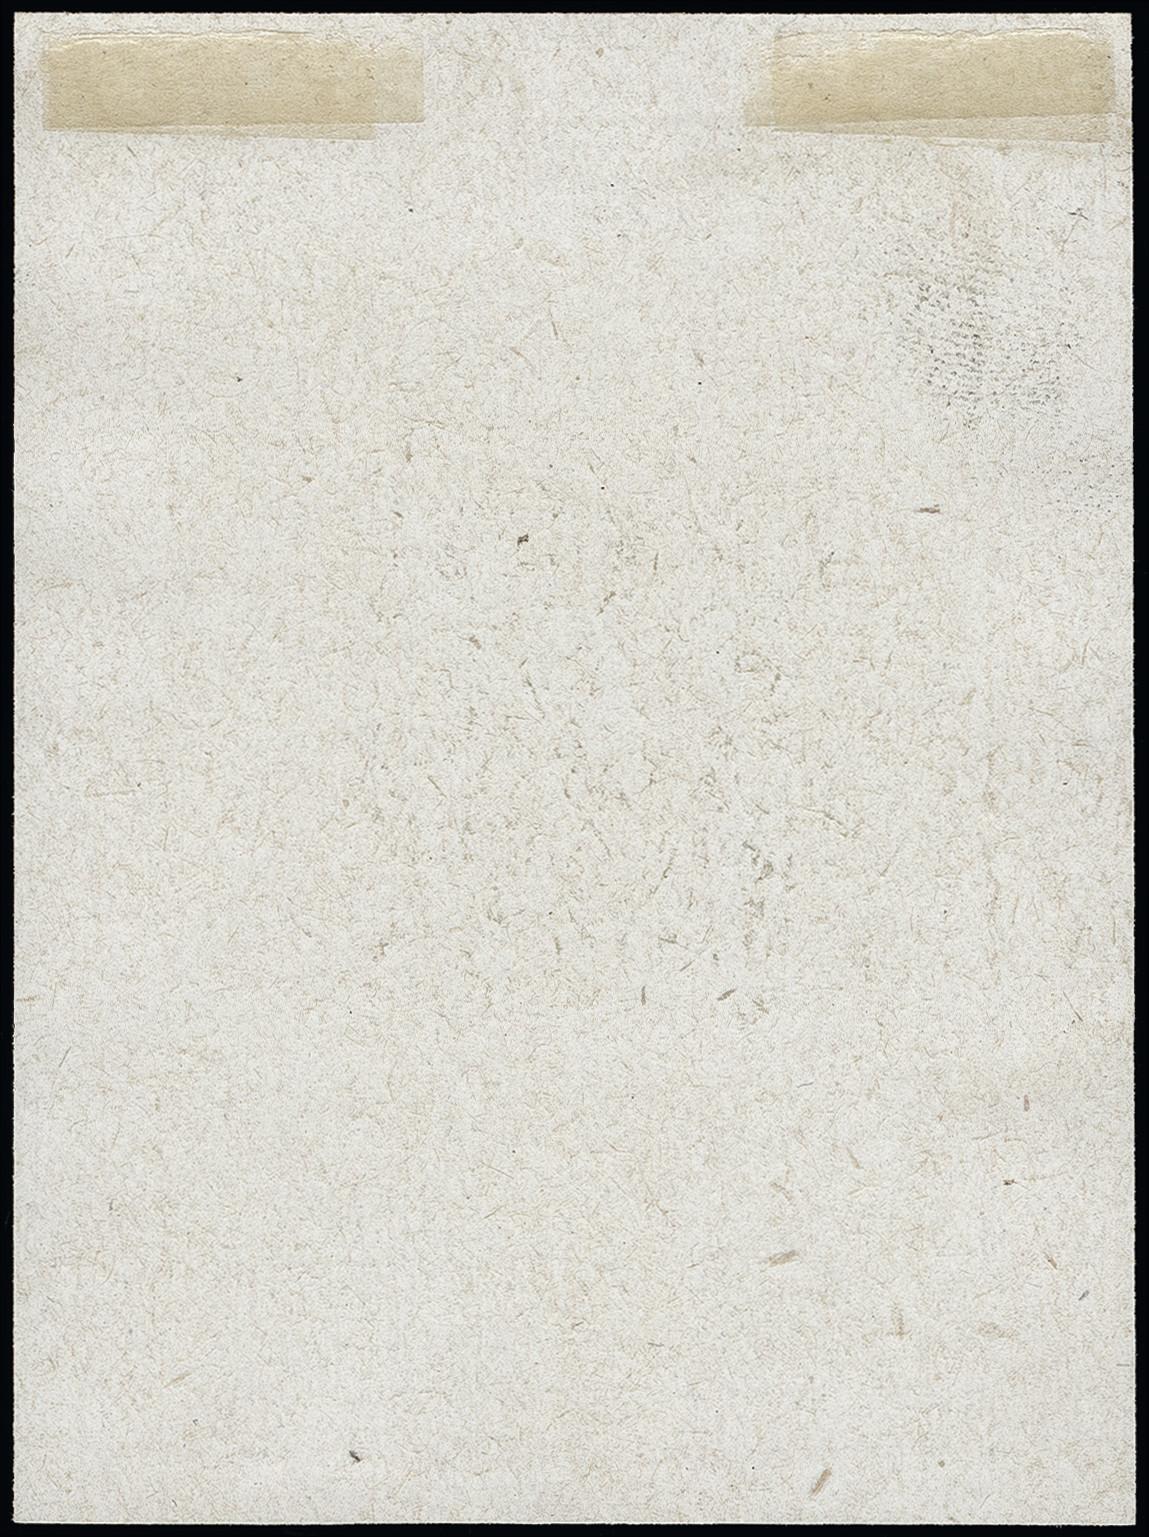 Lot 1342 - British Commonwealth gold coast -  Heinrich Koehler Auktionen Heinrich Köhler Auction 376 - Day 1